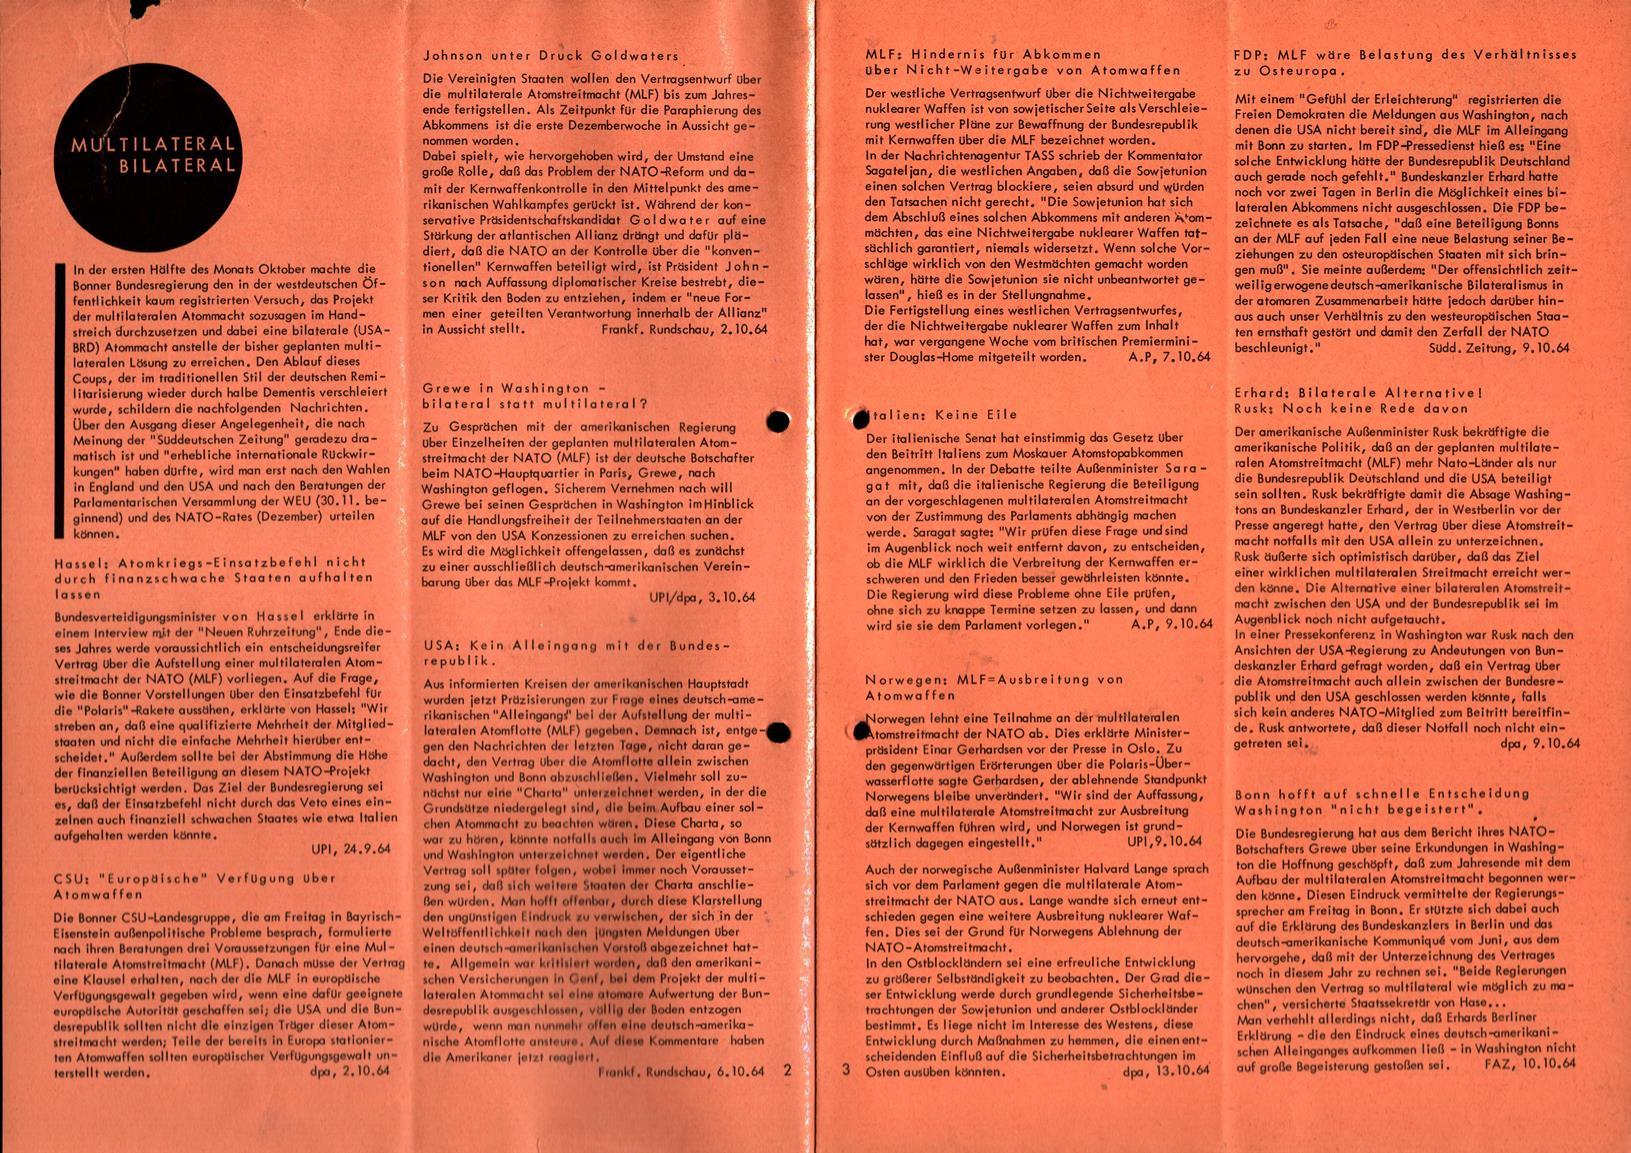 Infos_zur_Abruestung_1964_016_002